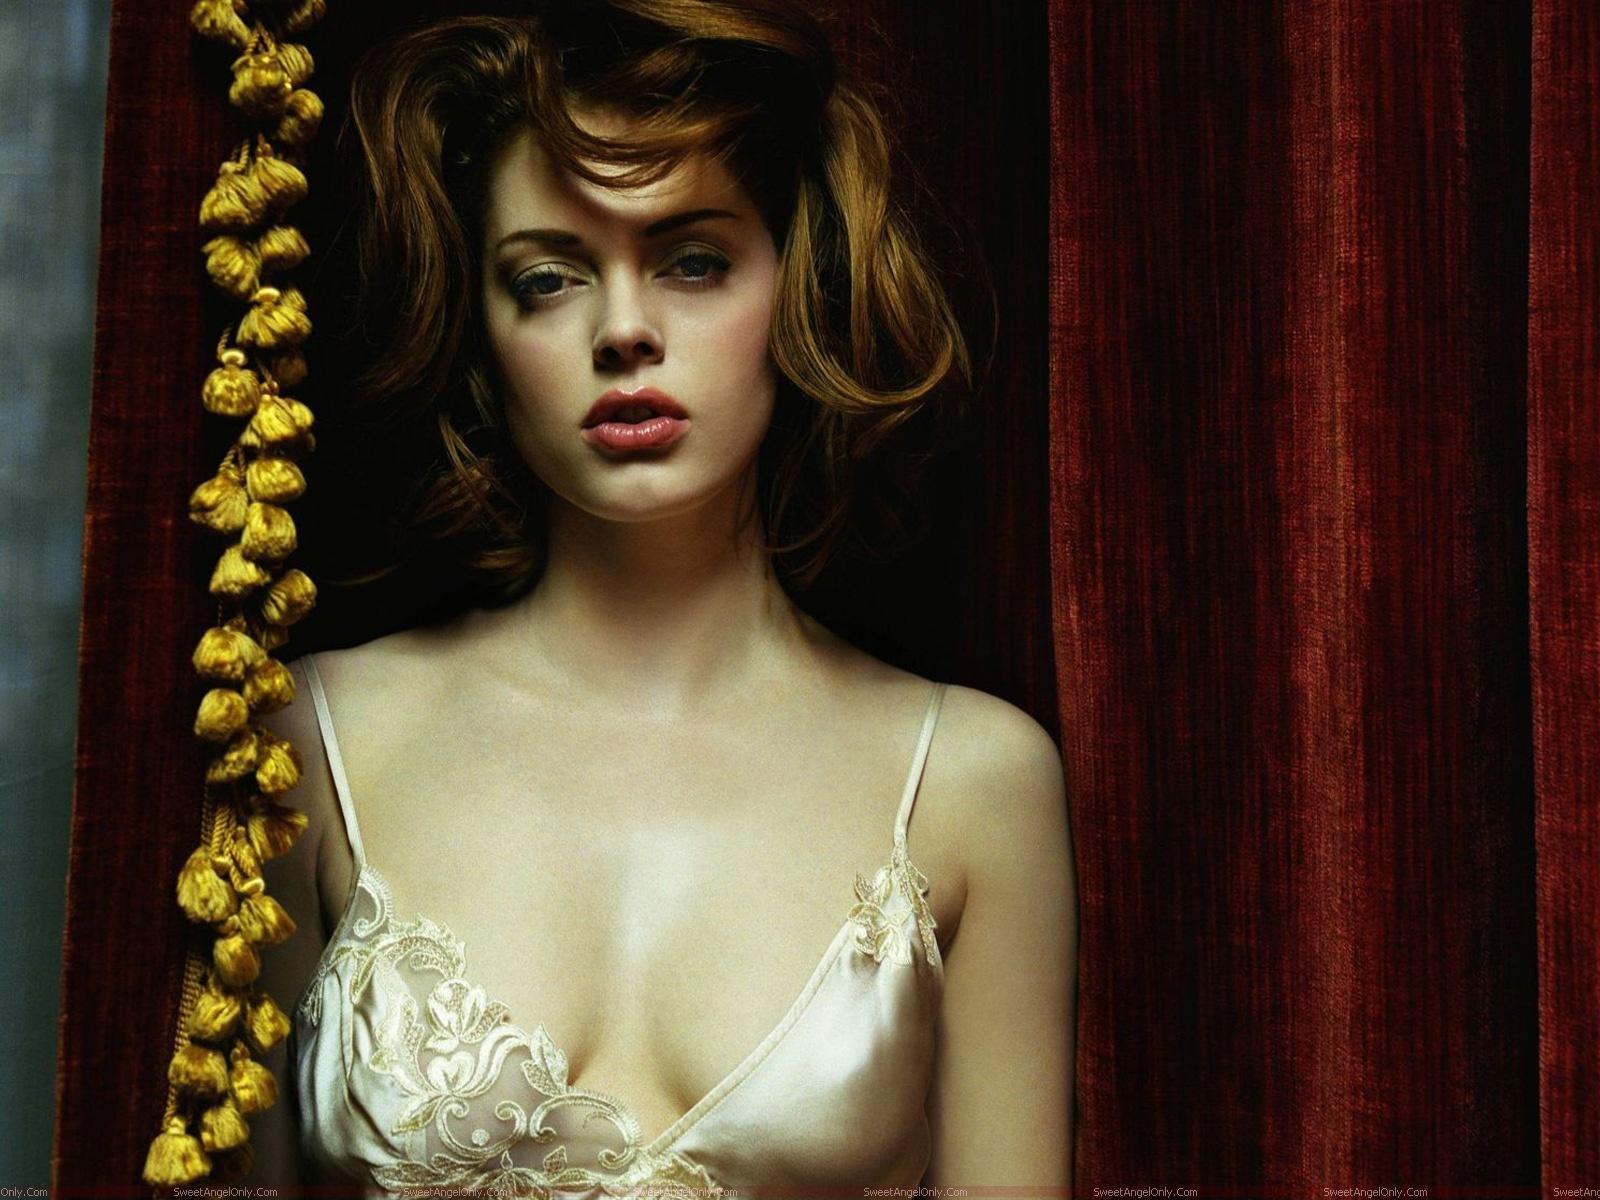 http://1.bp.blogspot.com/-g7YCPr6z1Jg/TjQe_e1VbrI/AAAAAAAAIGI/zP3ZL0kMktY/s1600/rose_mcGowan_hollywood_actress.jpg